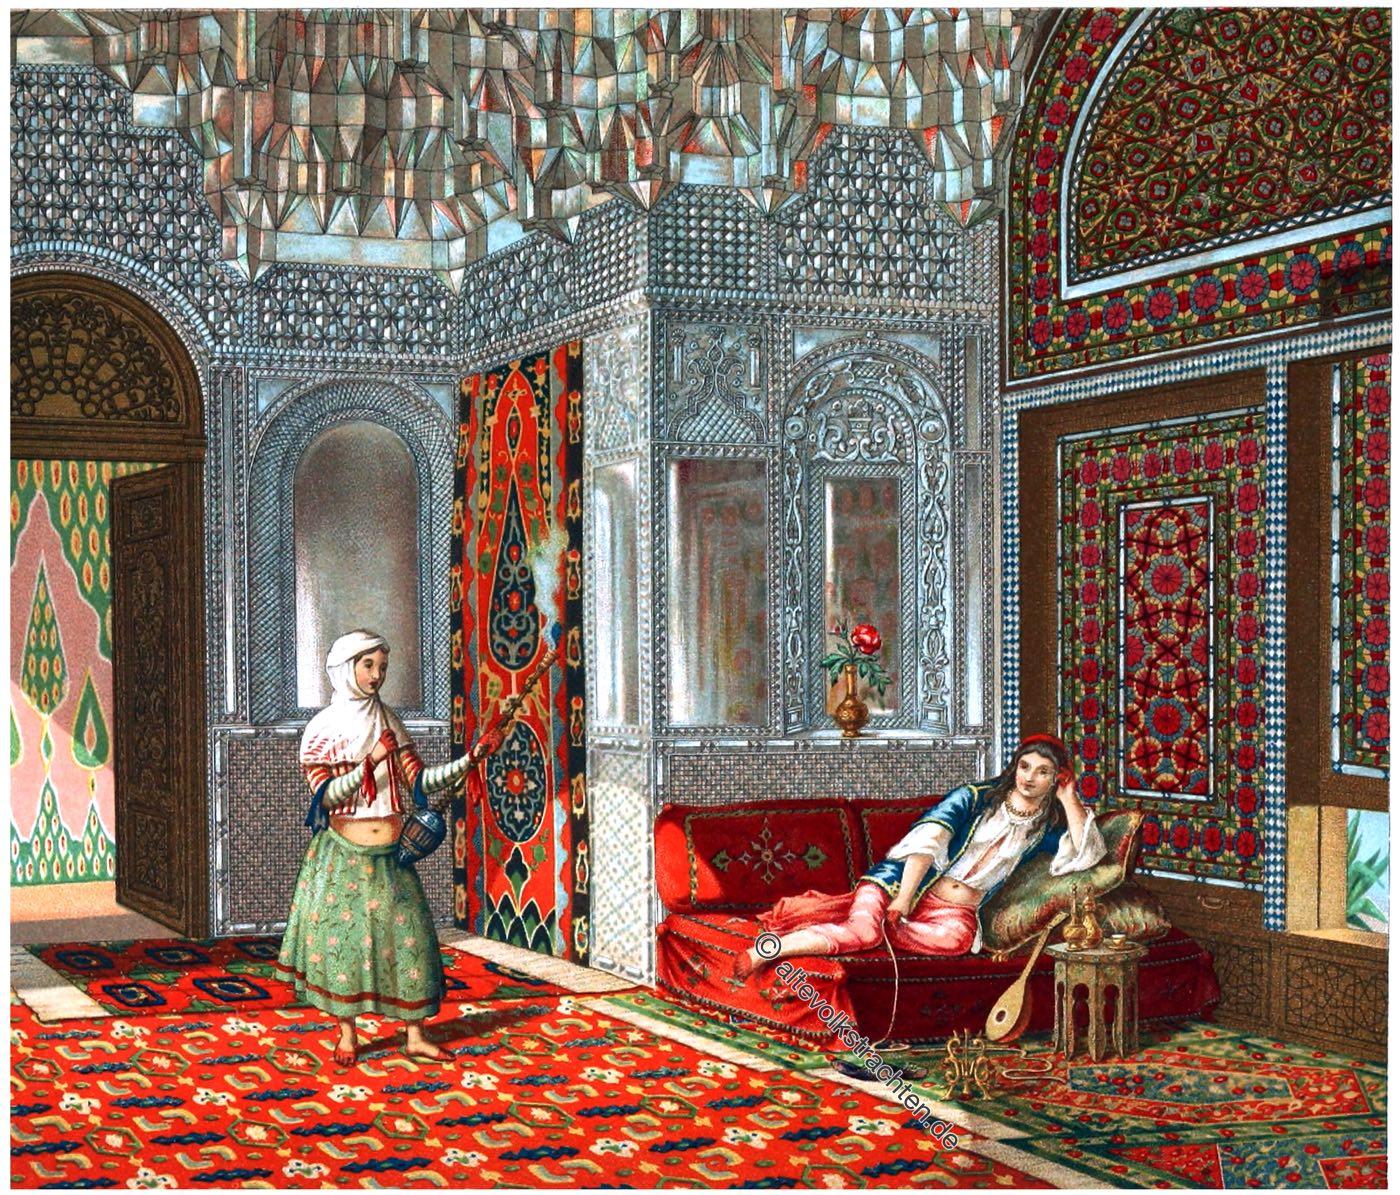 Salon, Persien, Zimmereinrichtung, Lusthaus,